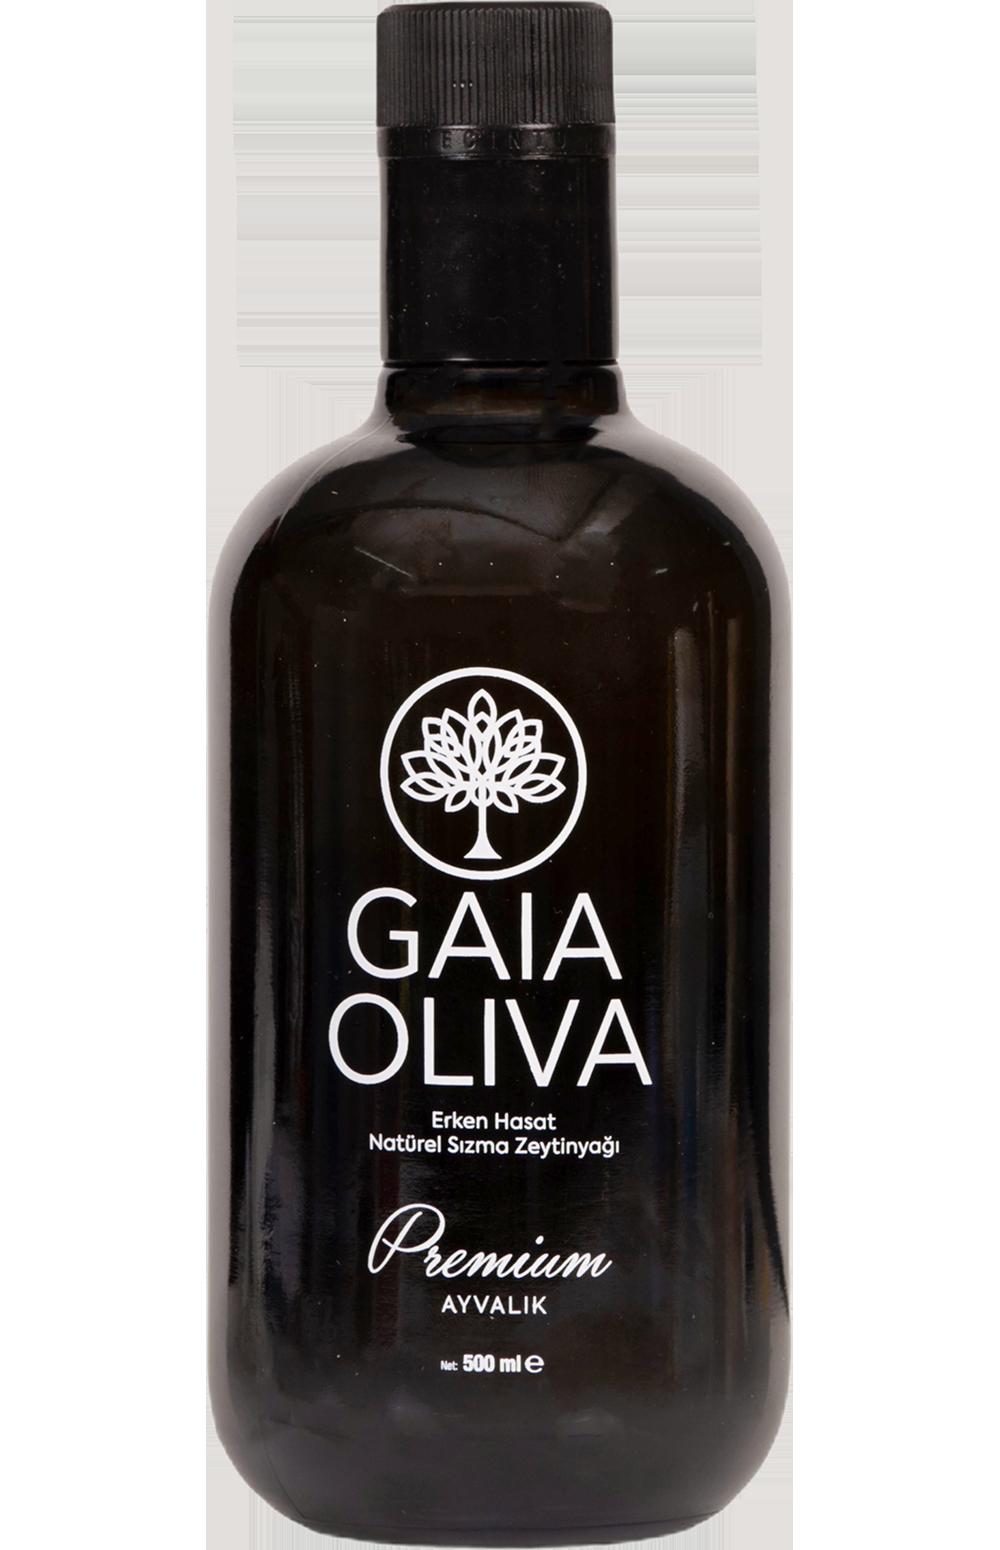 Gaia Oliva- Ayvalik